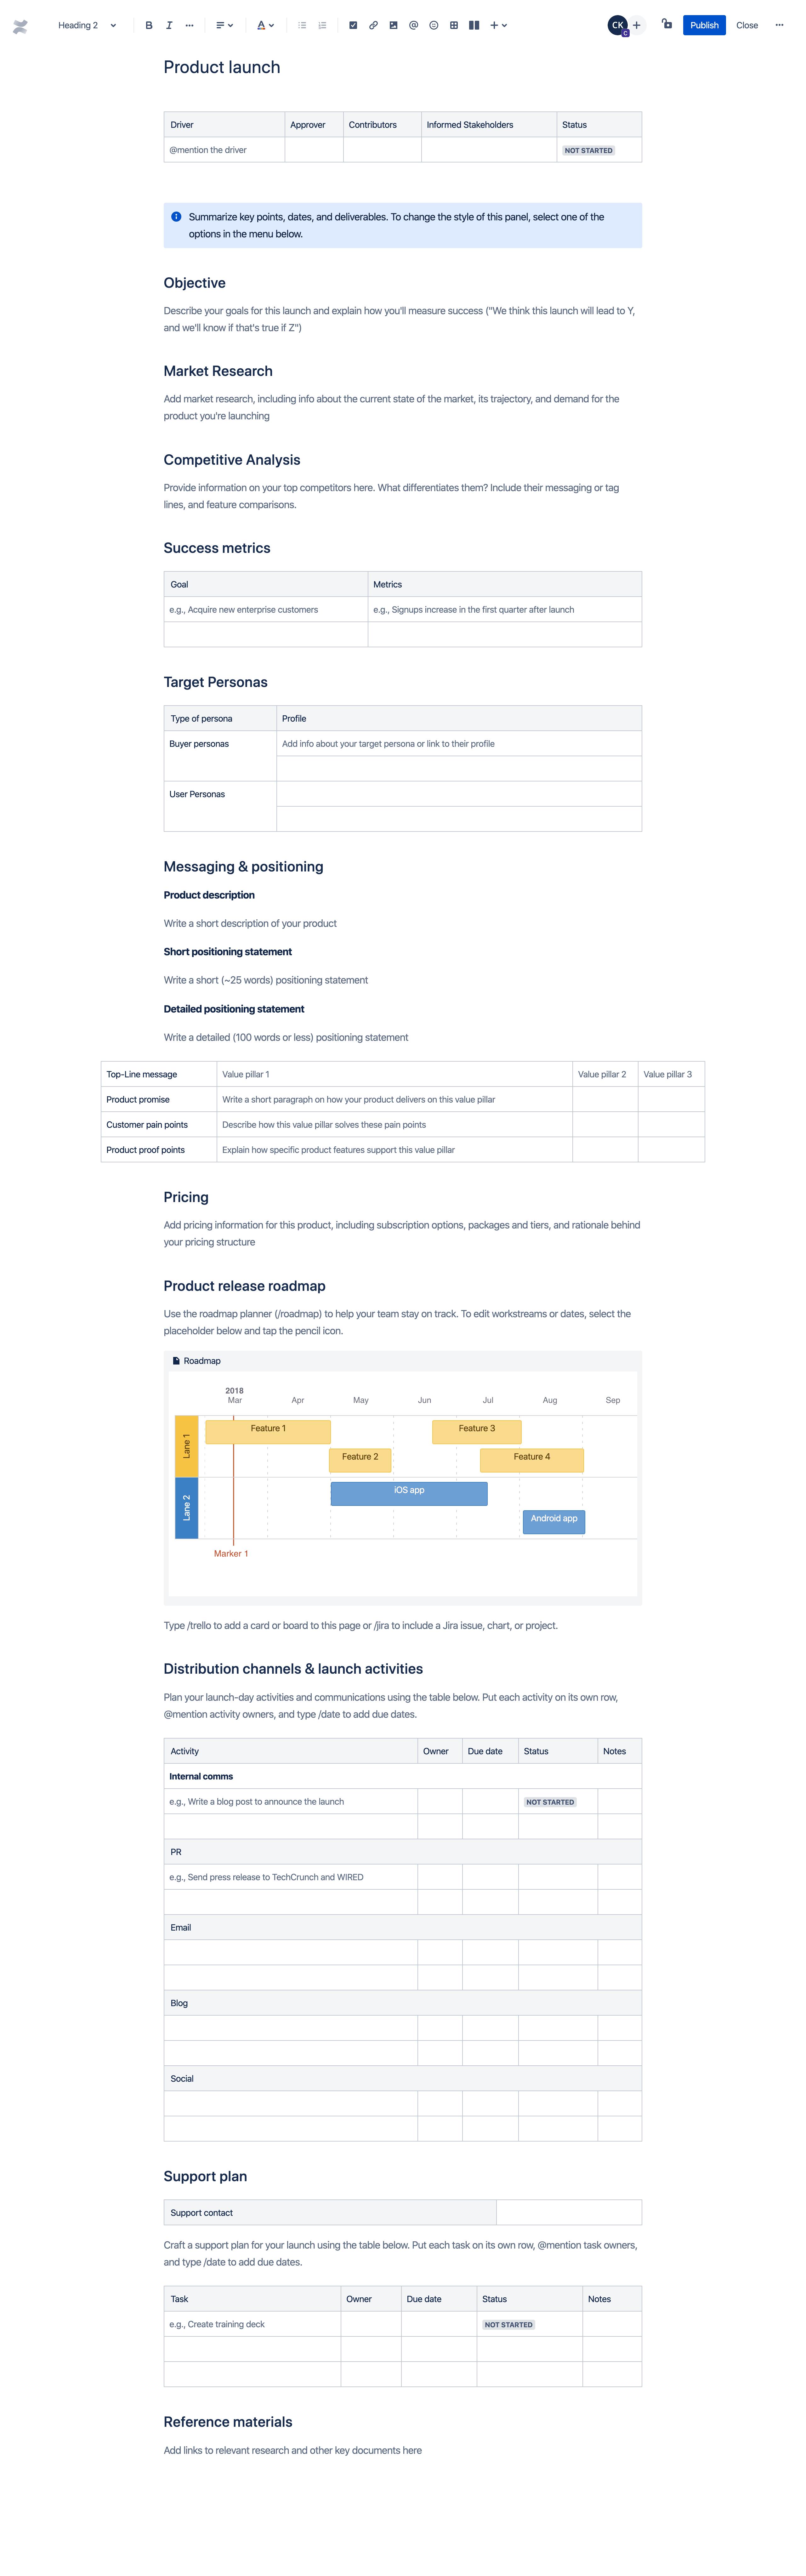 Шаблон плана по запуску продукта